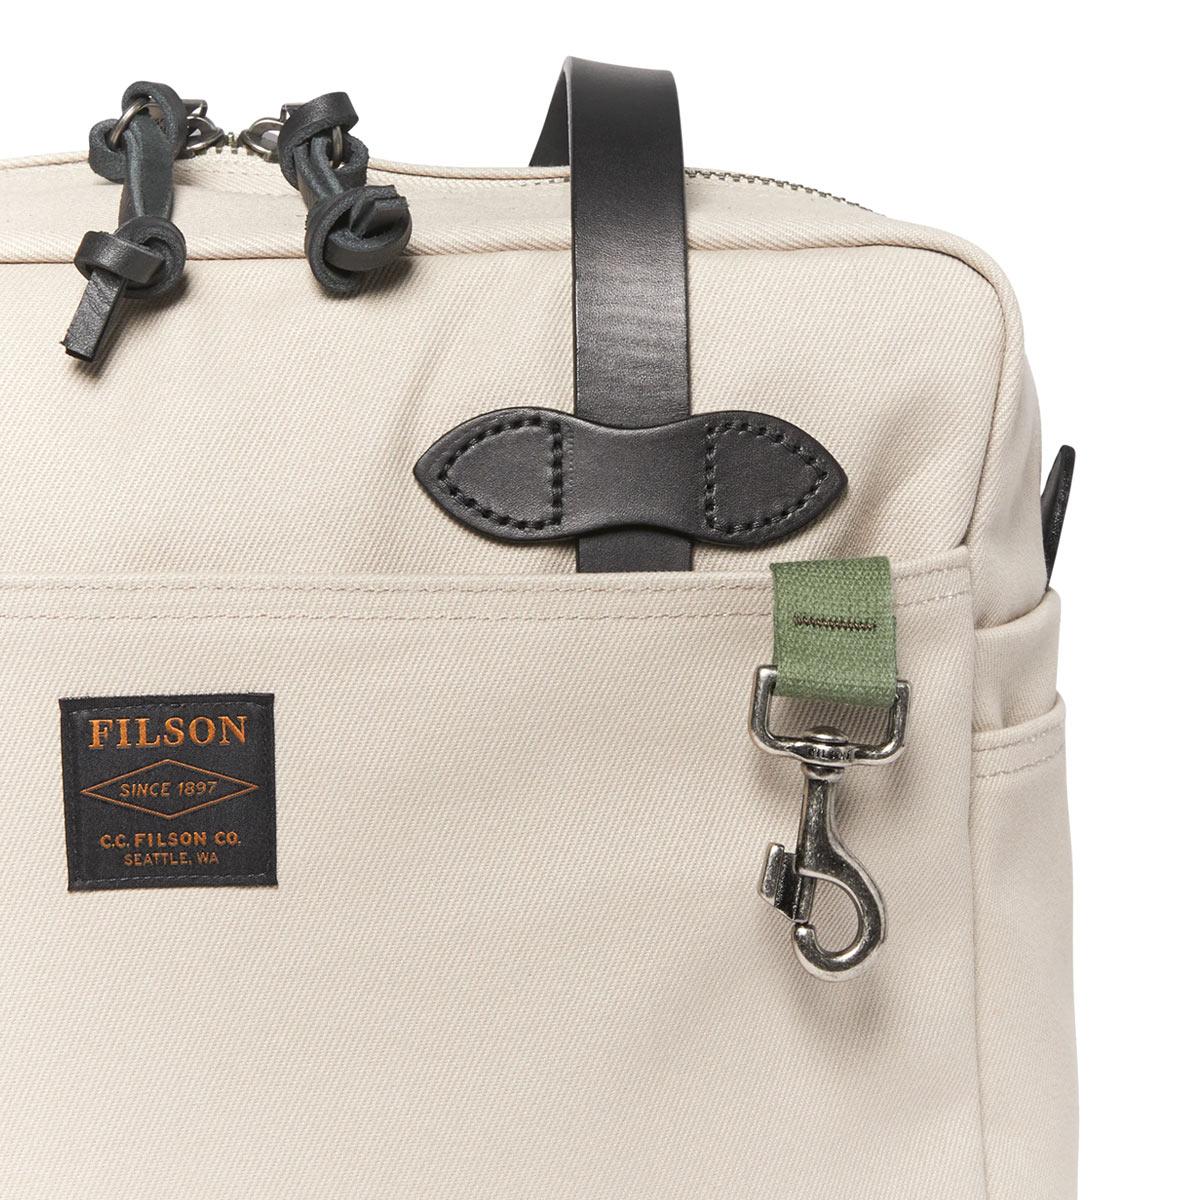 Filson Rugged Twill Tote Bag With Zipper 11070261-Twine, Tote Bag gemaakt voor mannen en vrouwen die van gemak, stijl en kwaliteit houden